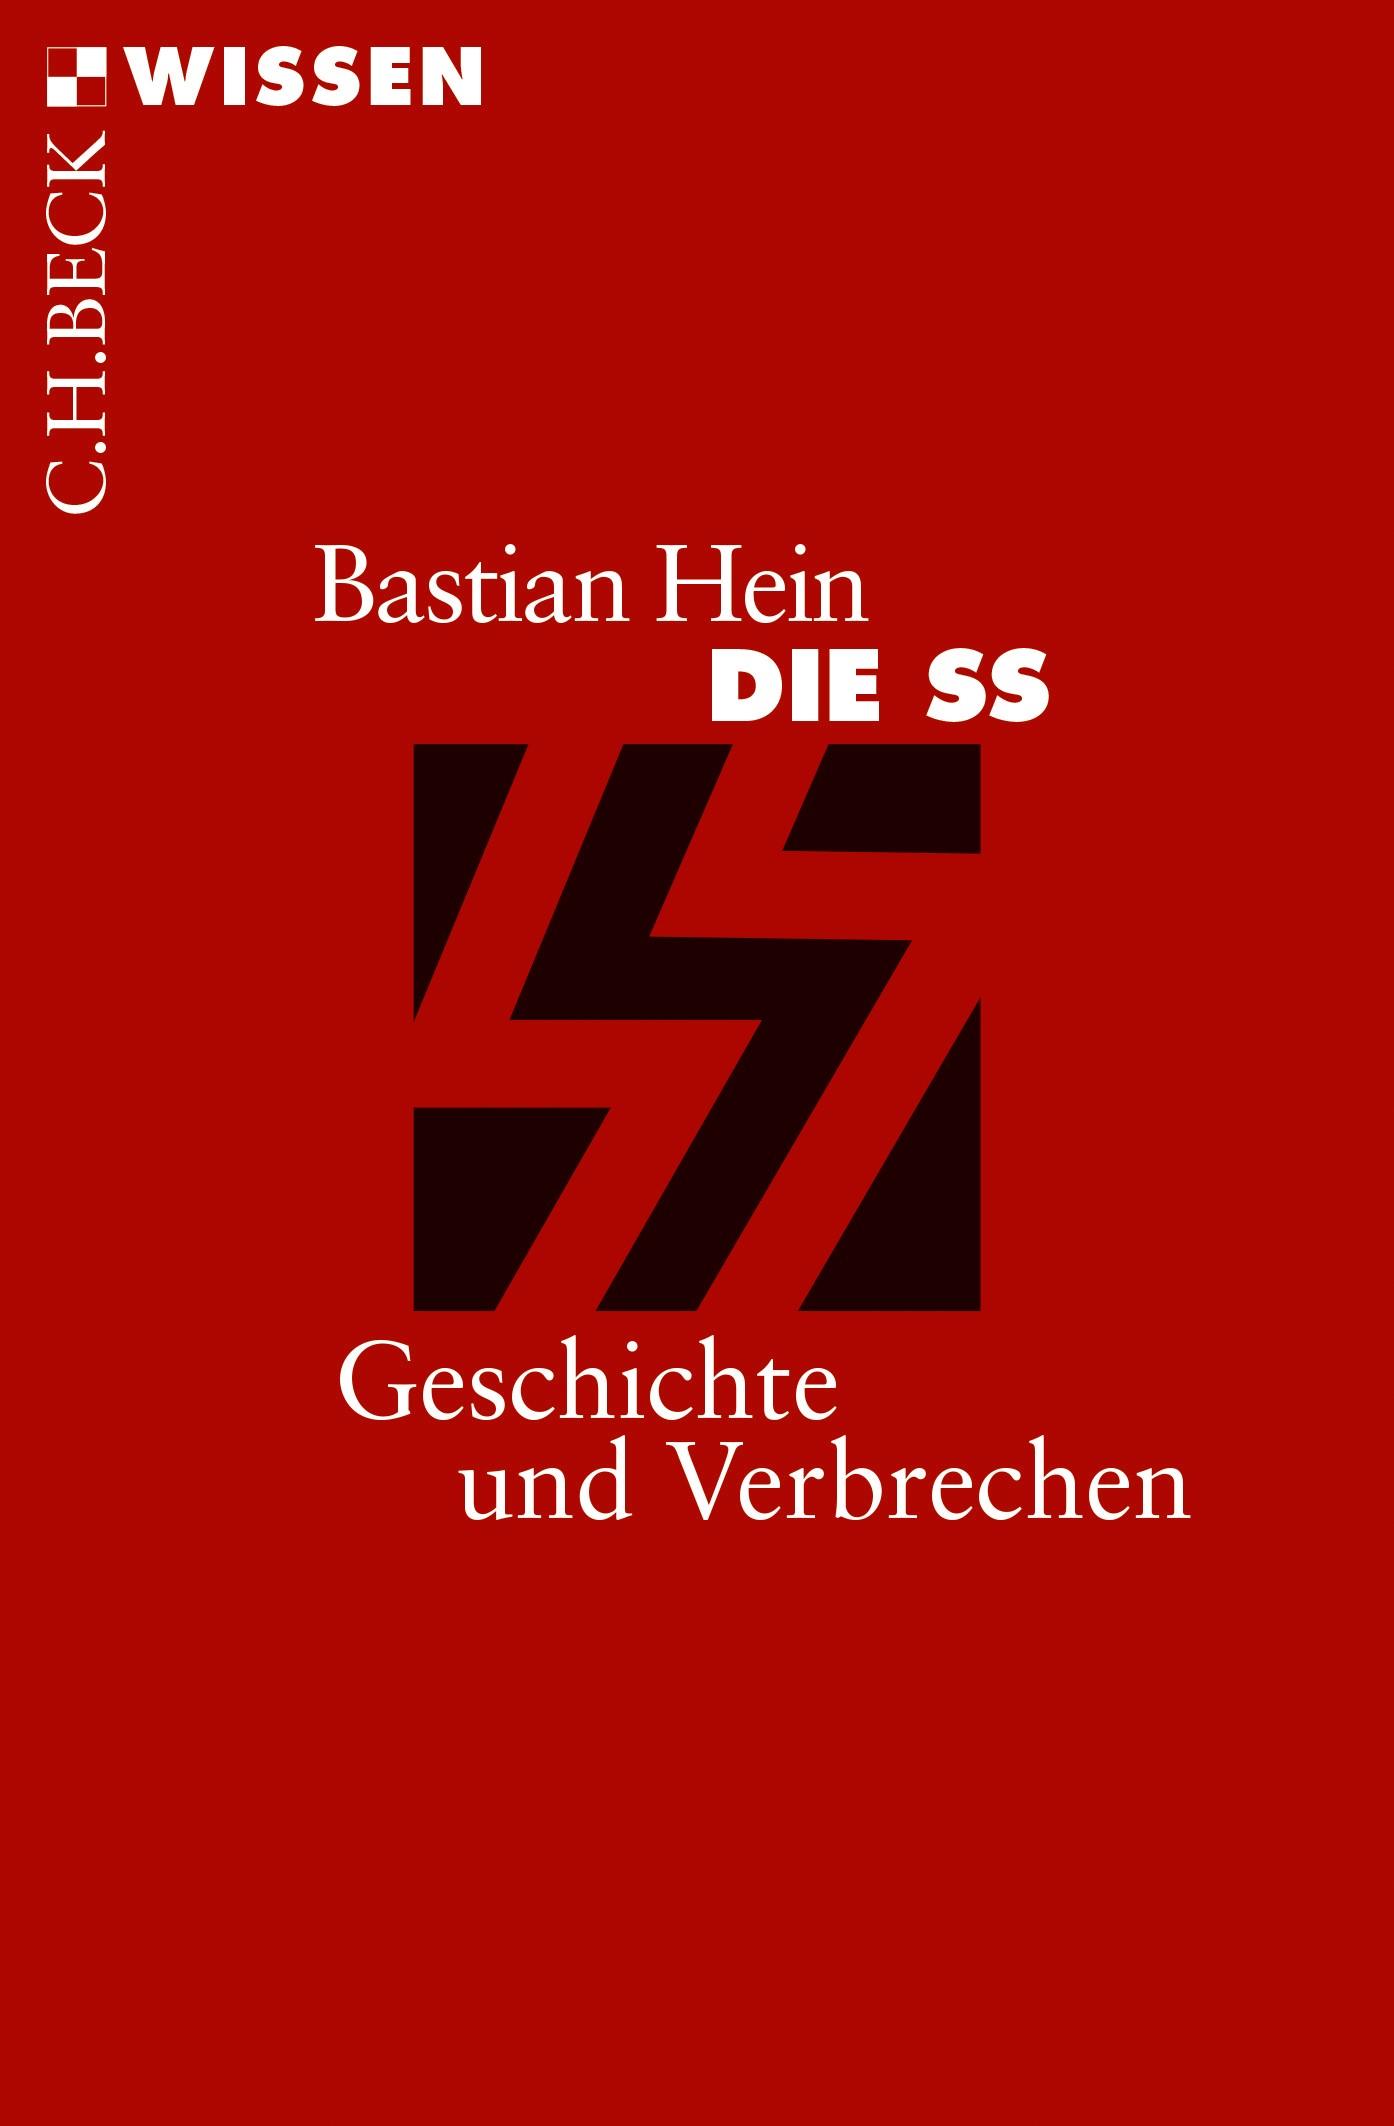 Cover des Buches 'Die SS'